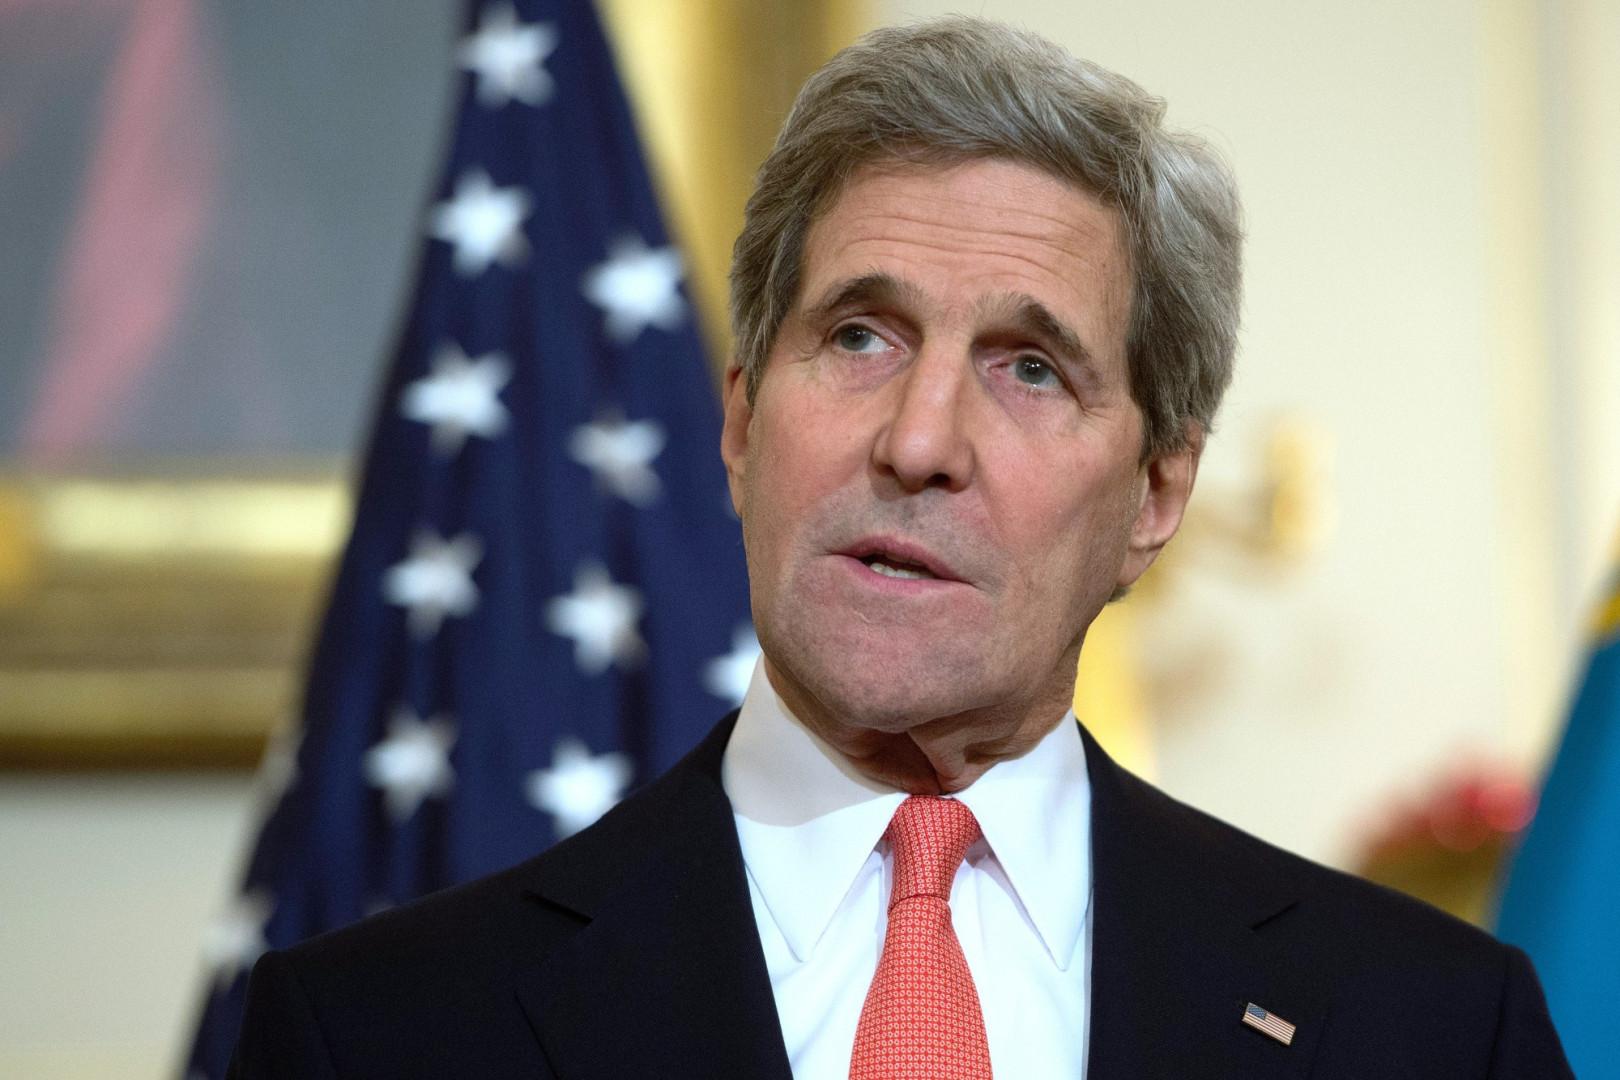 L'ancien secrétaire d'Etat John Kerry, 76 ans, fera son retour à Washington en tant qu'émissaire spécial du président sur le climat, Cet ancien poids lourd d'Obama (et candidat en 2004) sera chargé de faire revenir les Etats-Unis dans l'Accord de Paris.